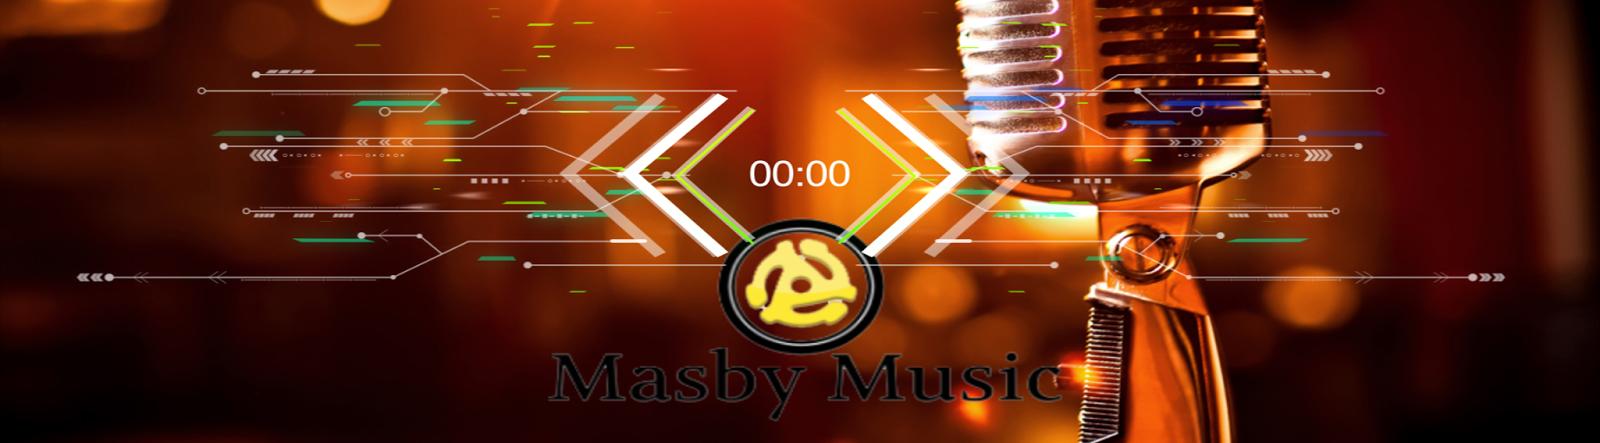 MASBY MUSIC 2017